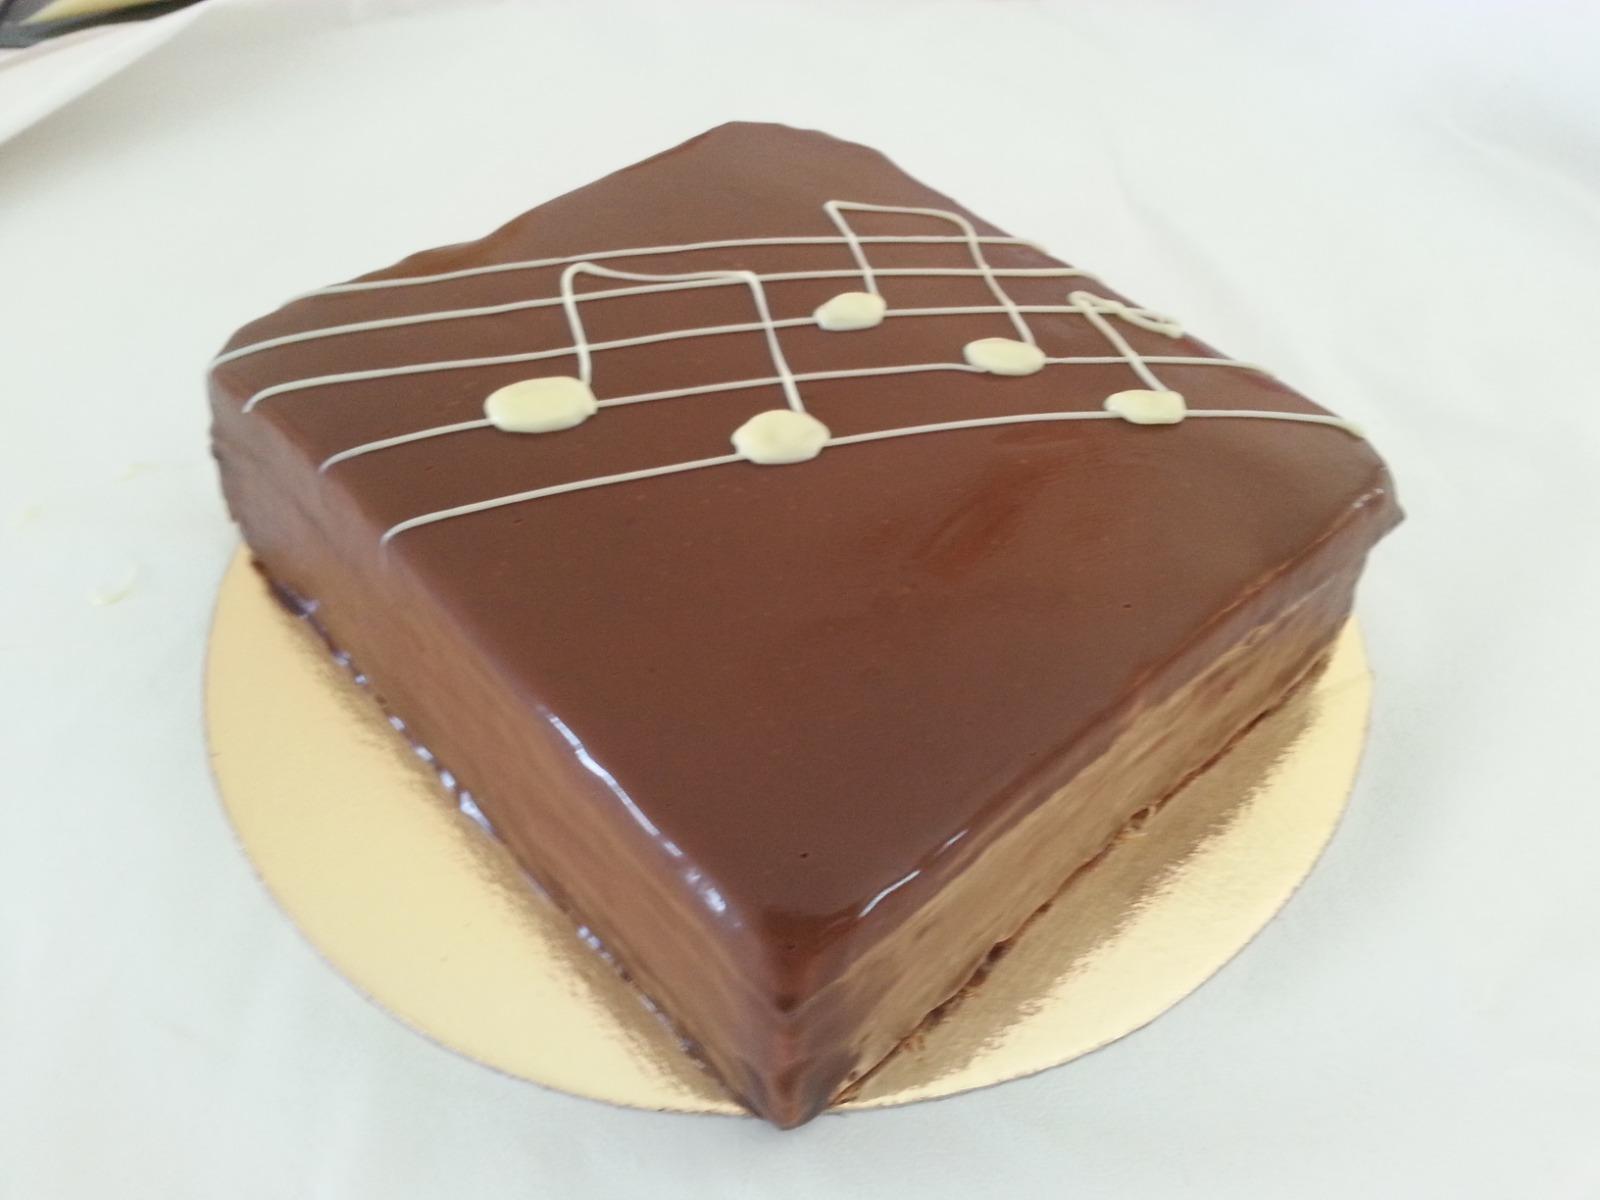 עוגת קפה ושוקולד